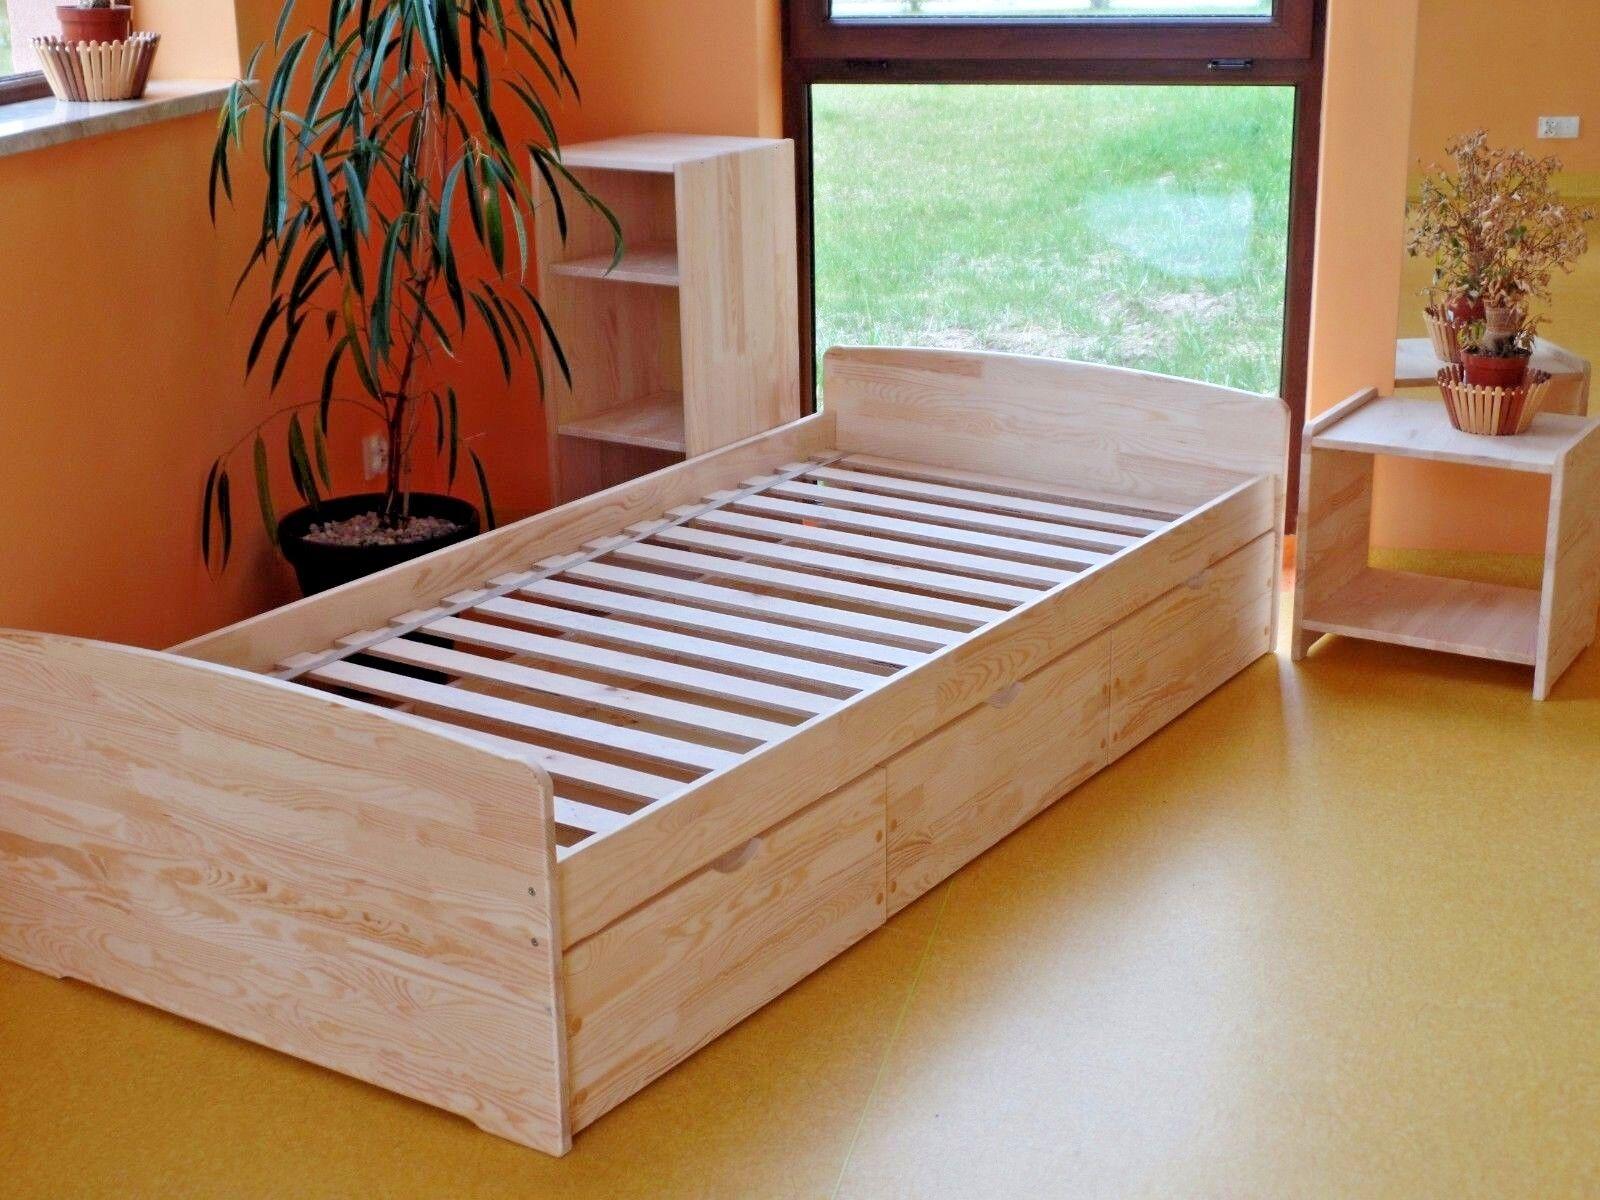 Kinderbett funktionsbett einzelbett kojenbett jugendbett for Kinderbett massivholz 90x200